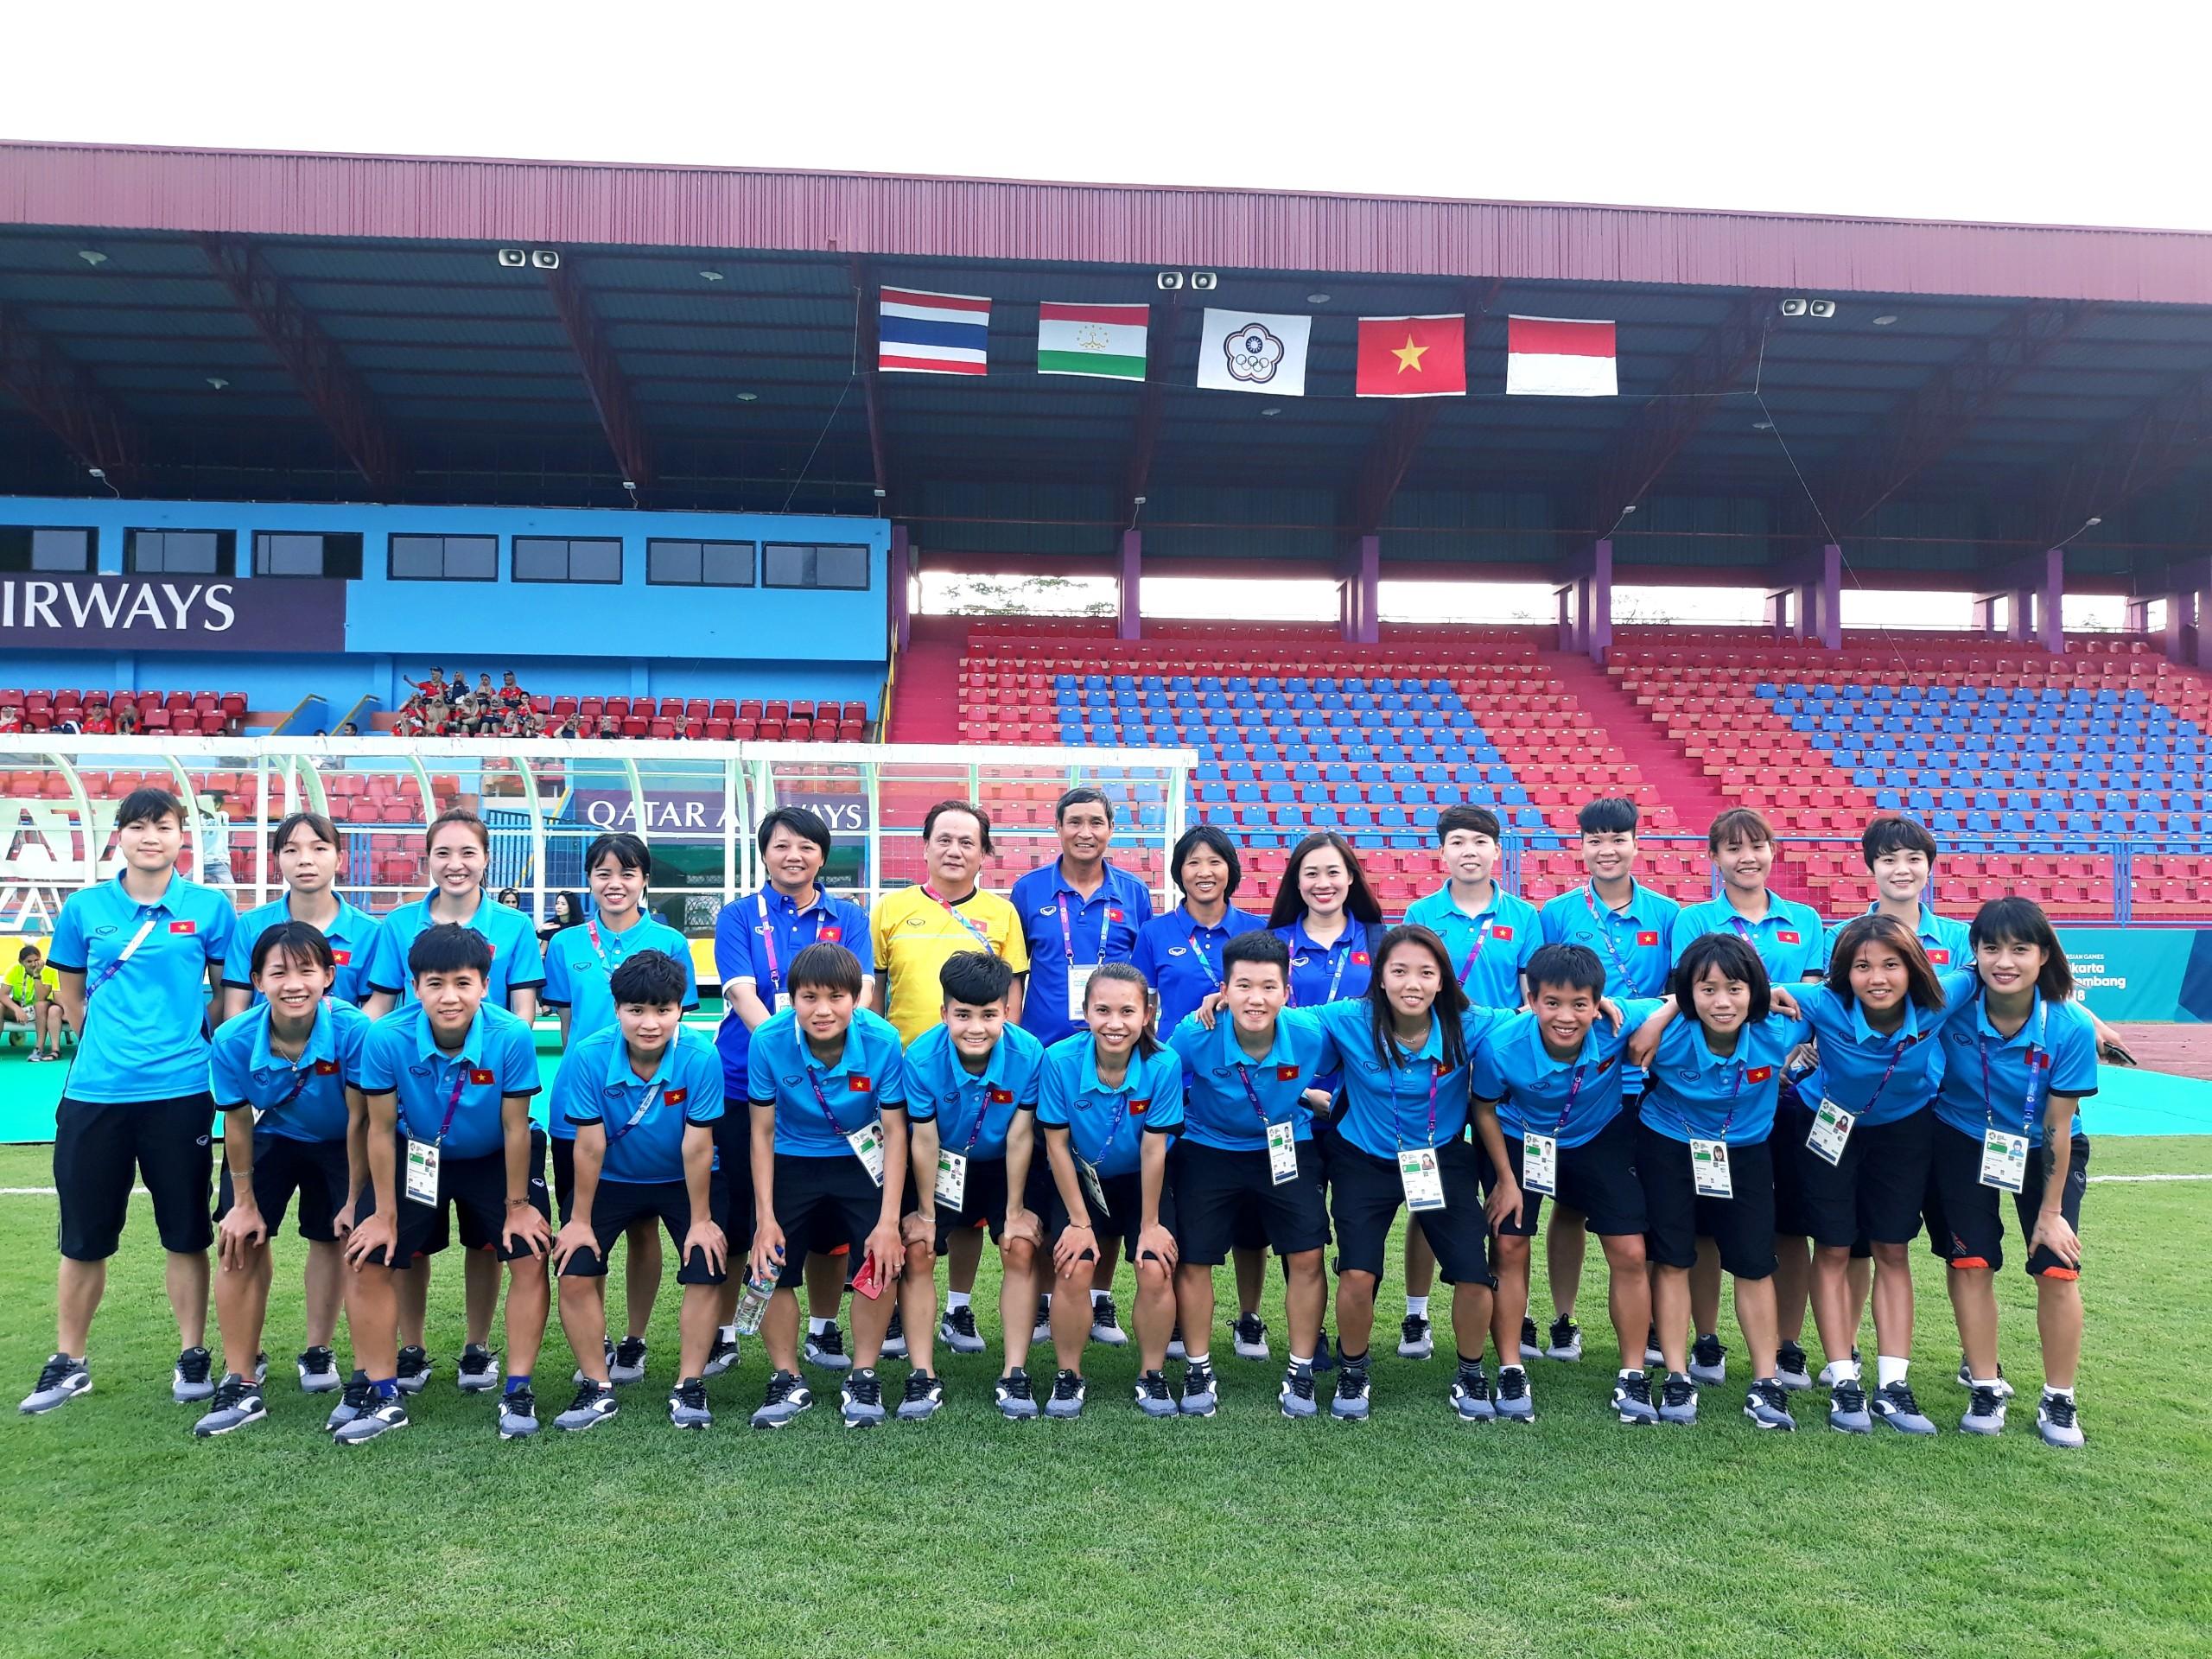 Chùm ảnh ĐT nữ Việt Nam ổn định chỗ ở, làm quen bóng thi đấu trong buổi tập đầu tiên (14/8)